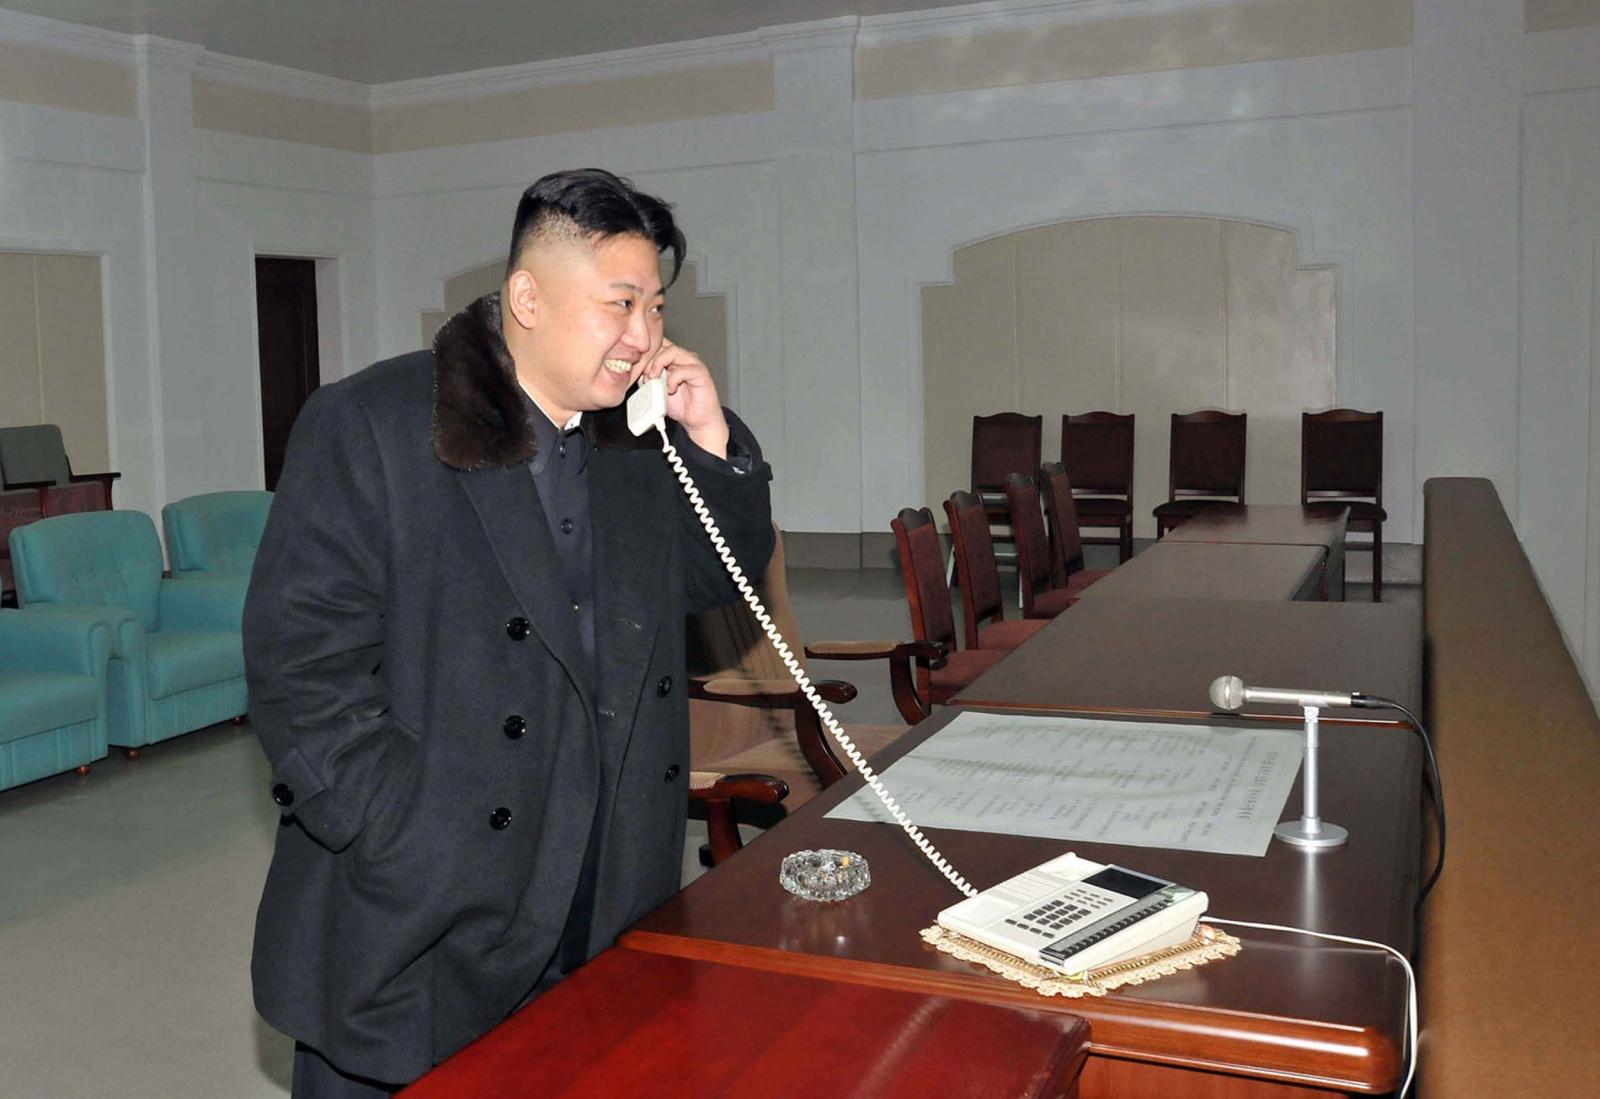 North Korea's Kim Jong-un and coup reports